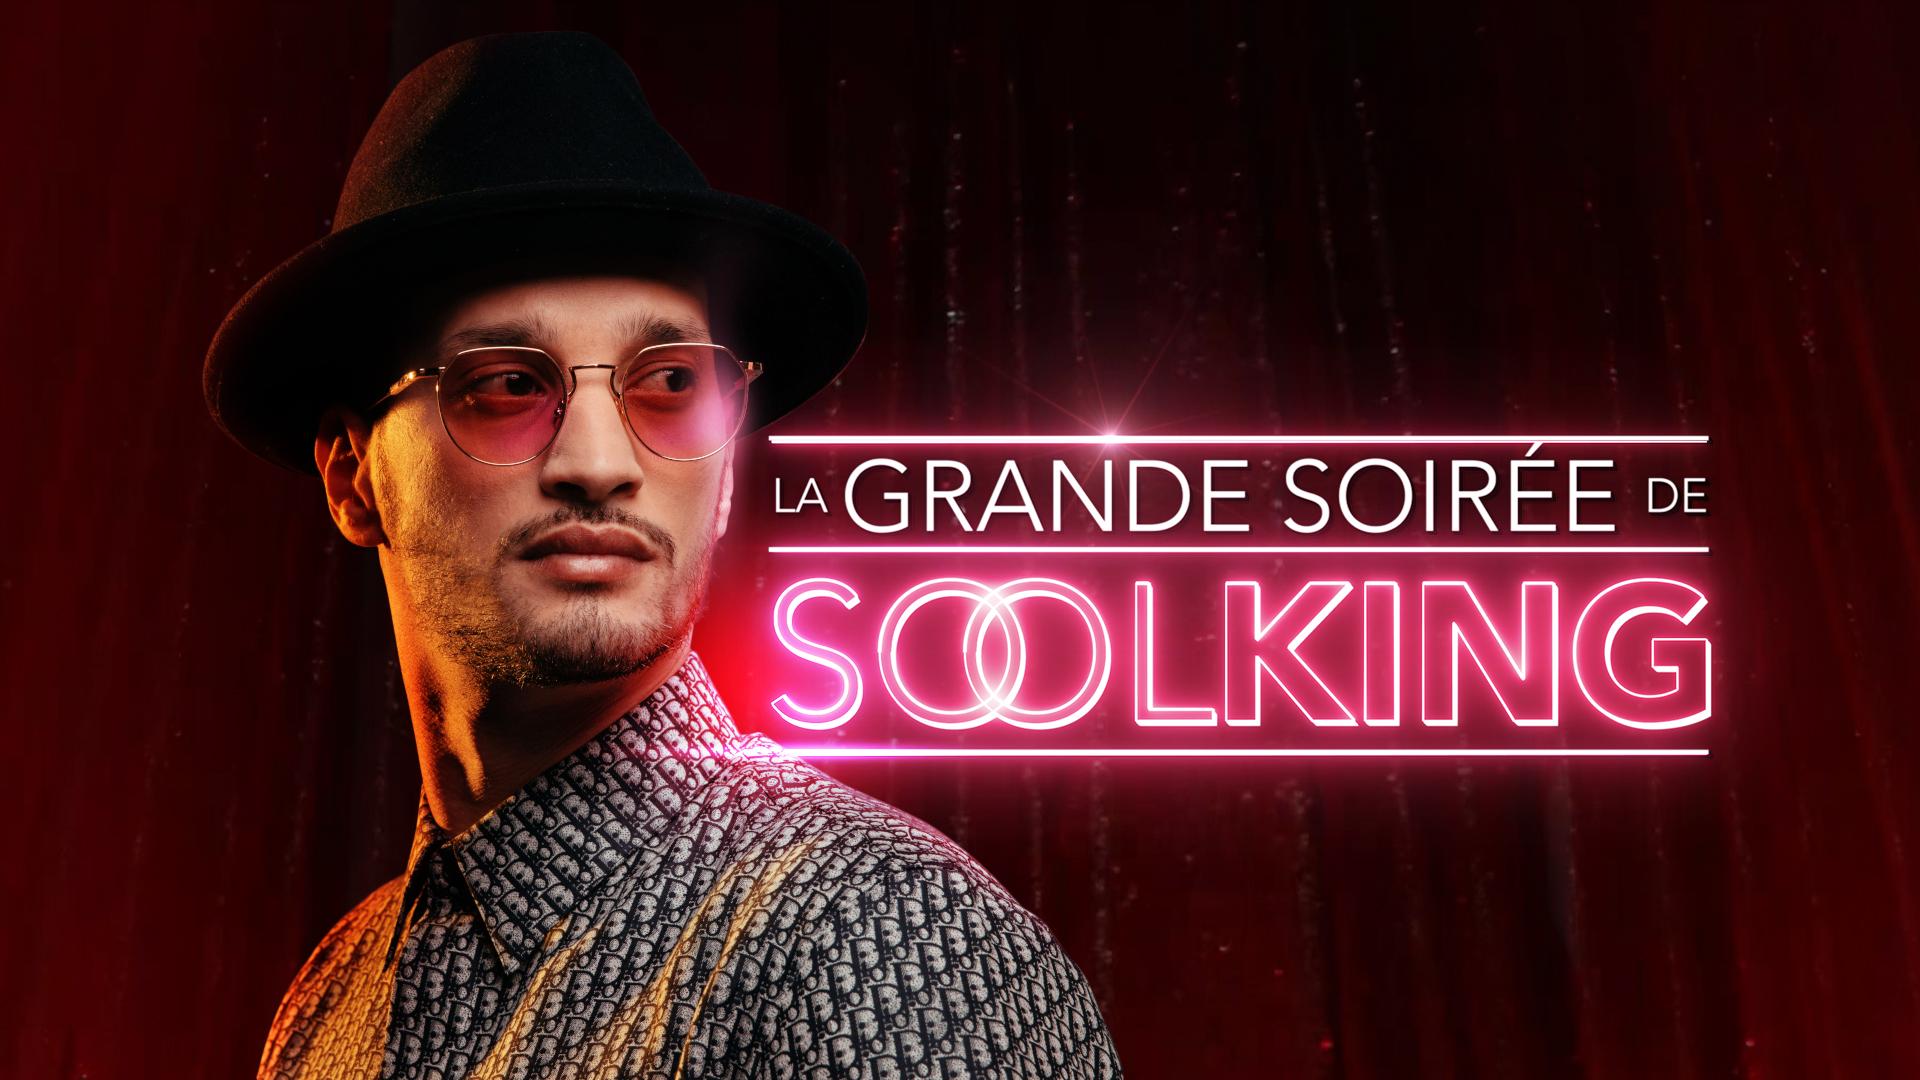 LA GRANDE SOIRÉE DE SOOLKING